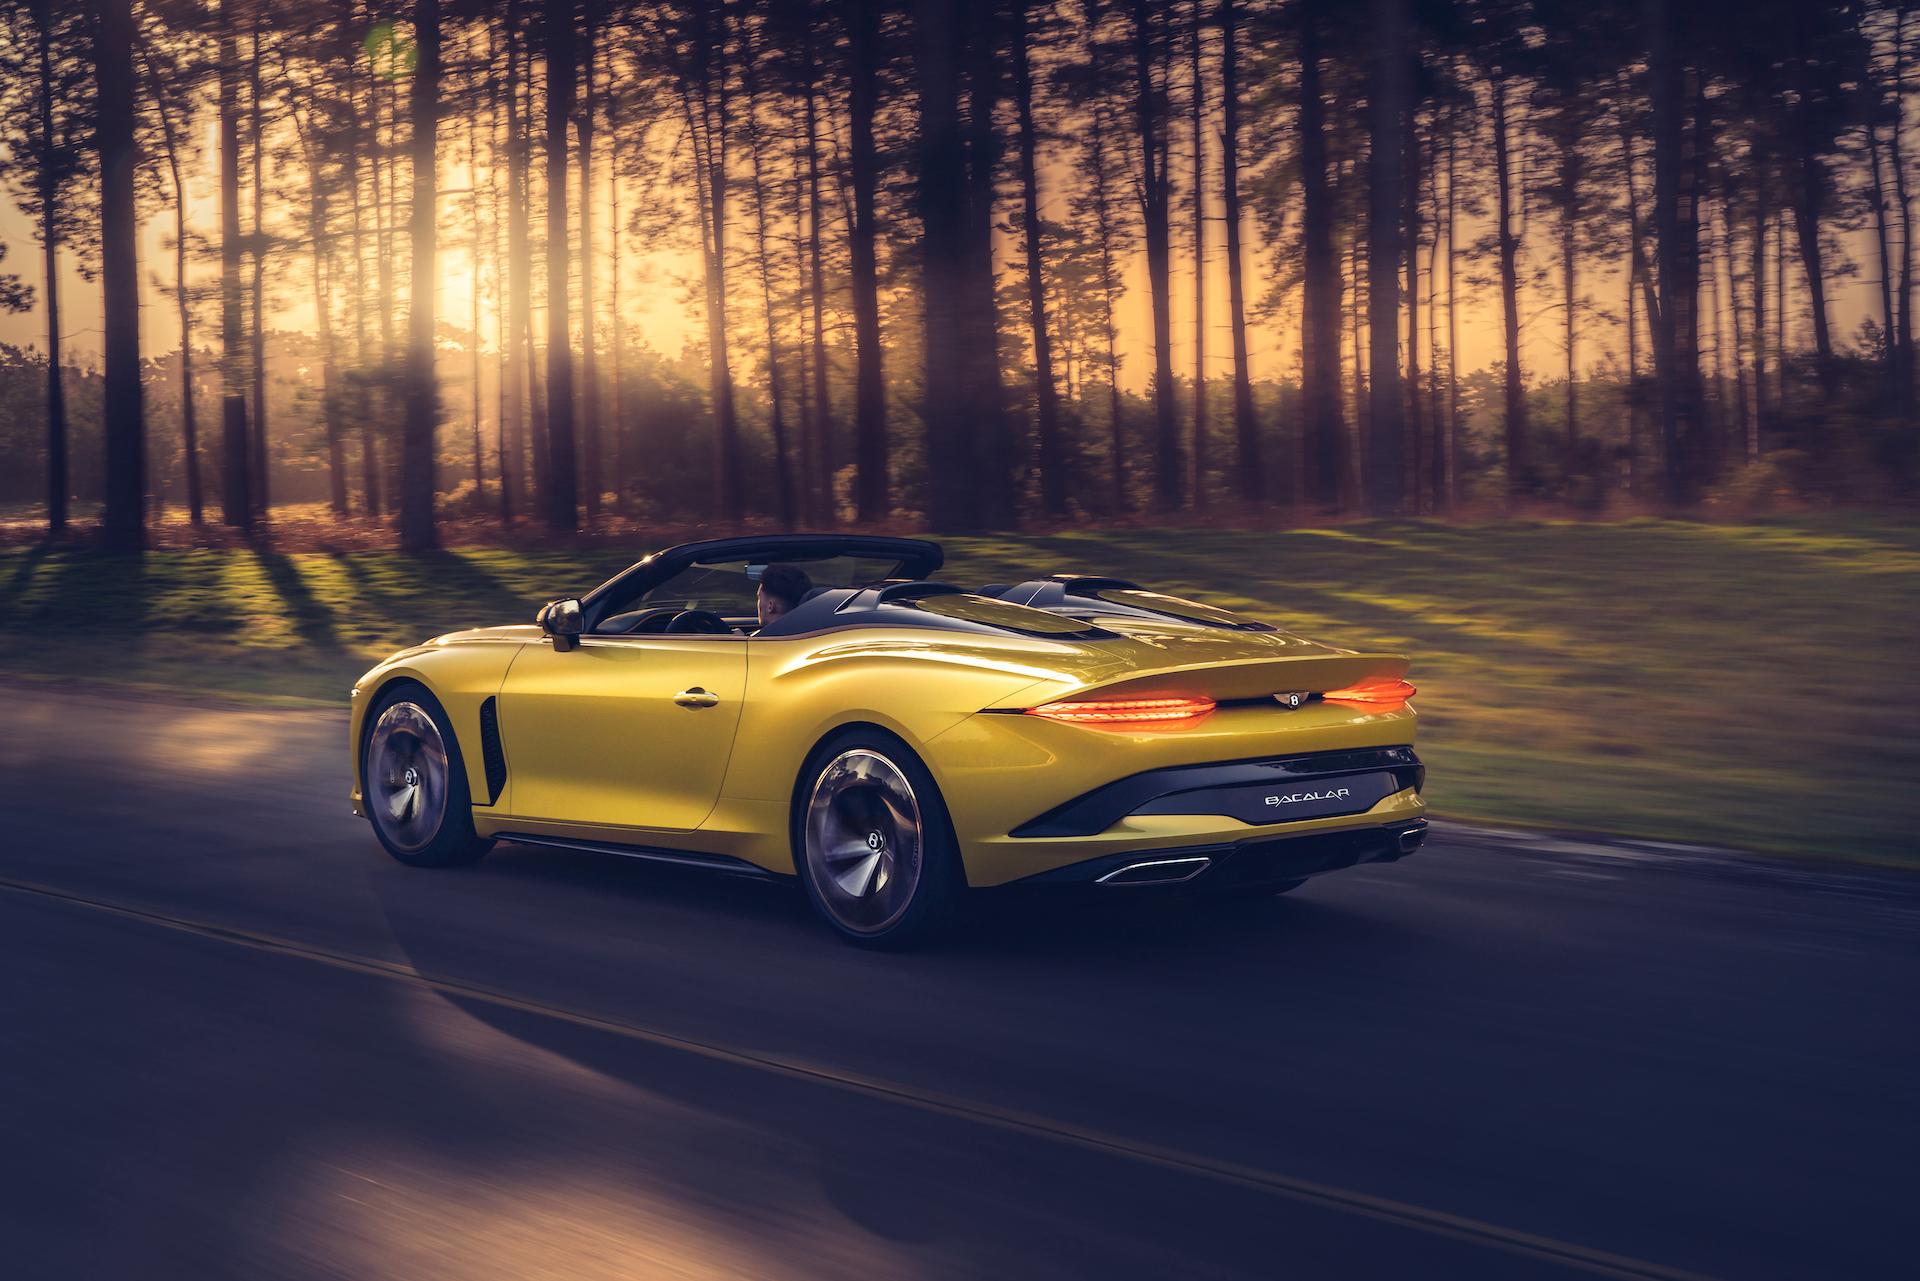 Offener Zweisitzer-GT mit 659 PS: Der neue Bentley Bacalar 2